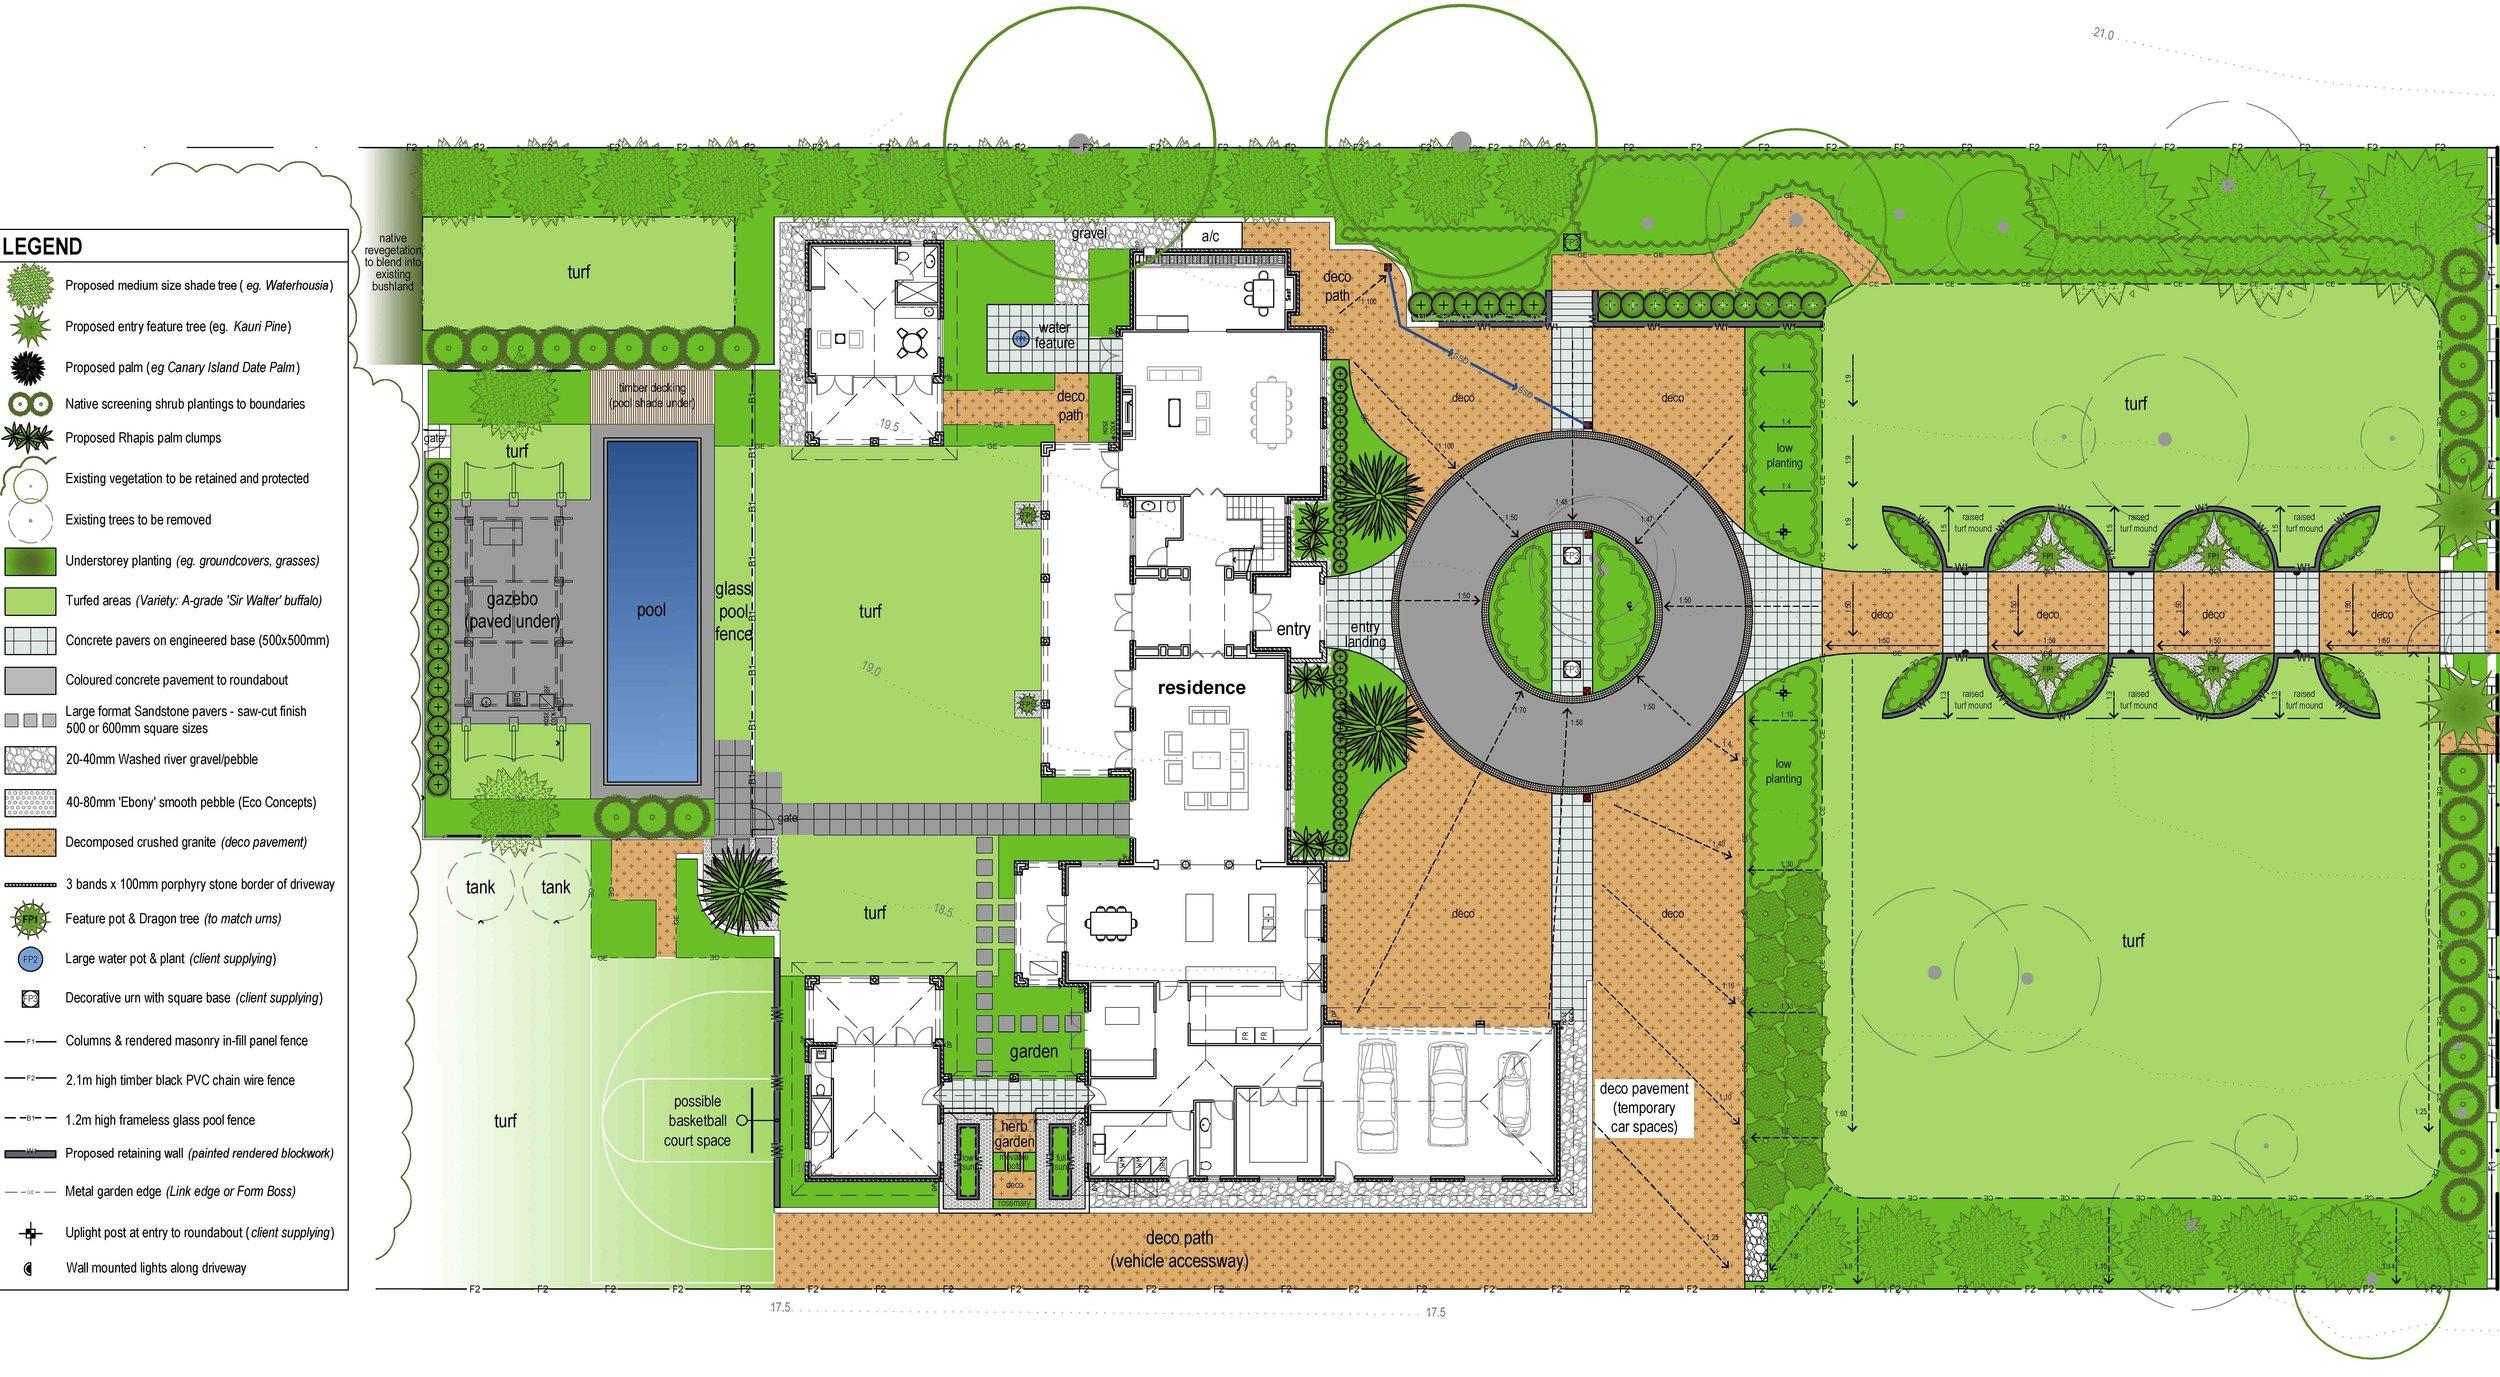 166-Landscape Concept Plan